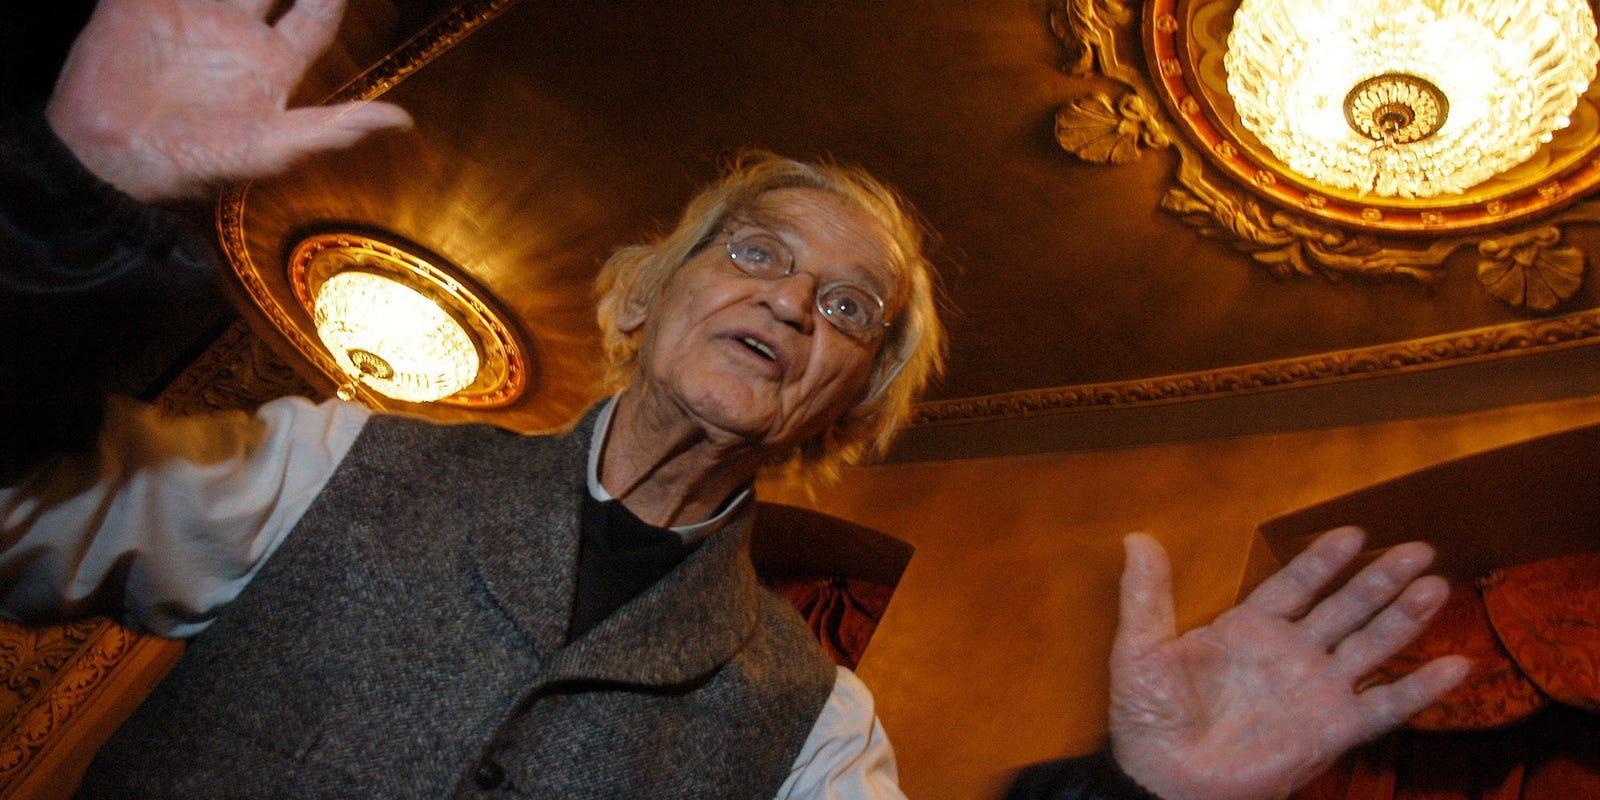 Irwin Corey Comedic Professor Dies At 102